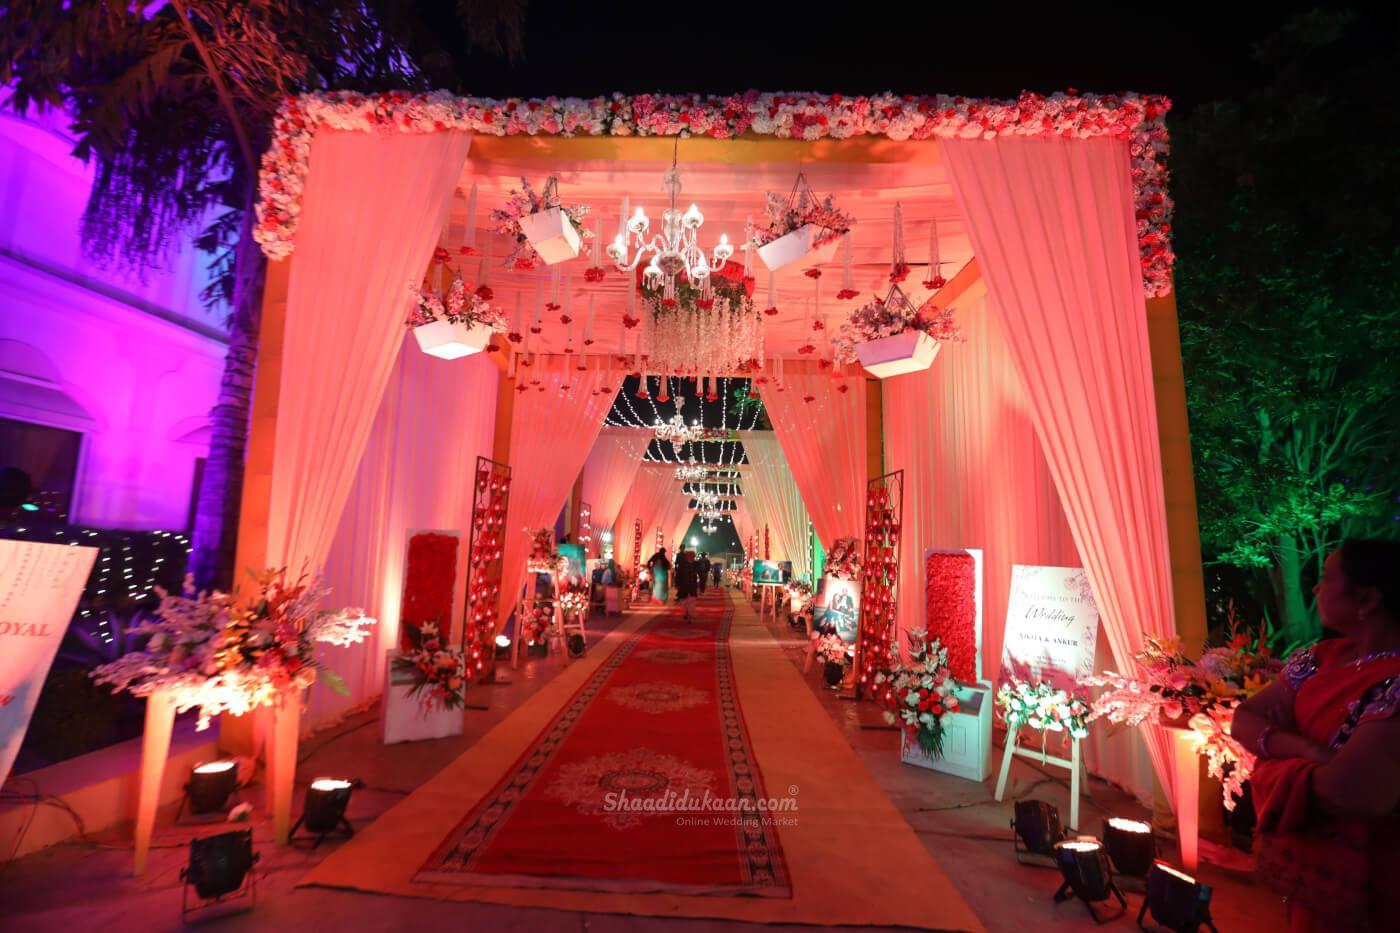 Divy Shahi Events